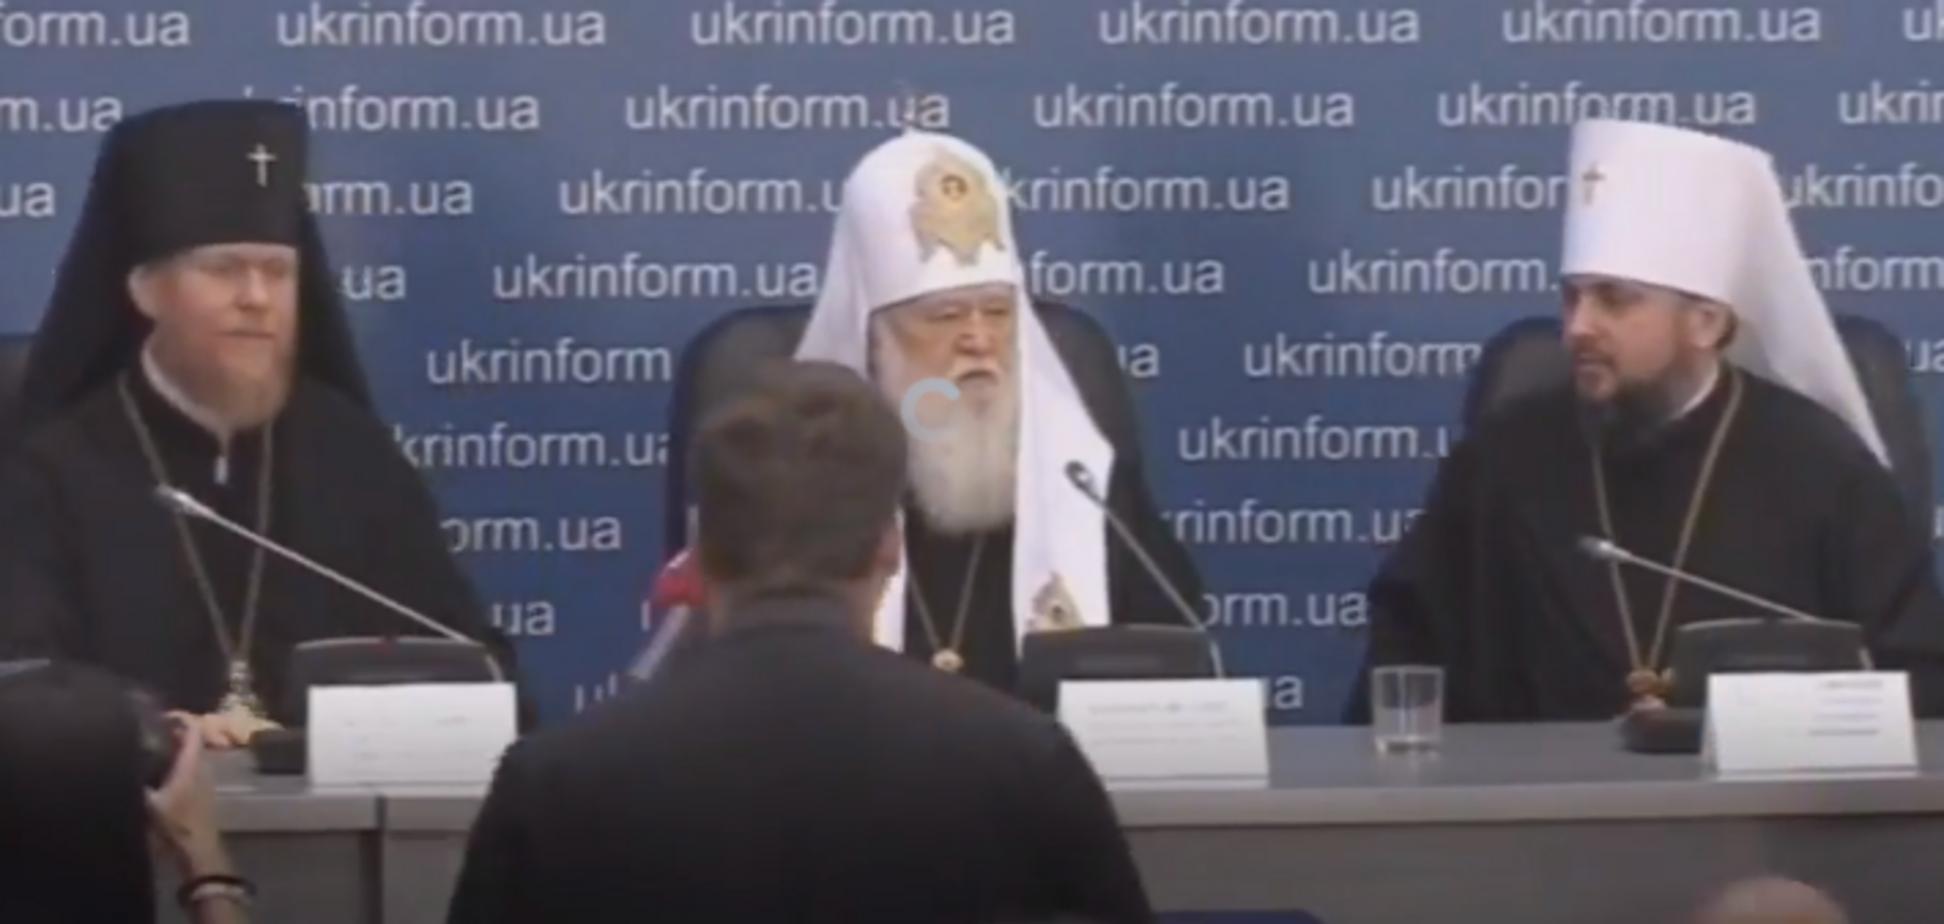 Єдина церква: Філарет пояснив, що буде з Лаврами і храмами Московського патріархату